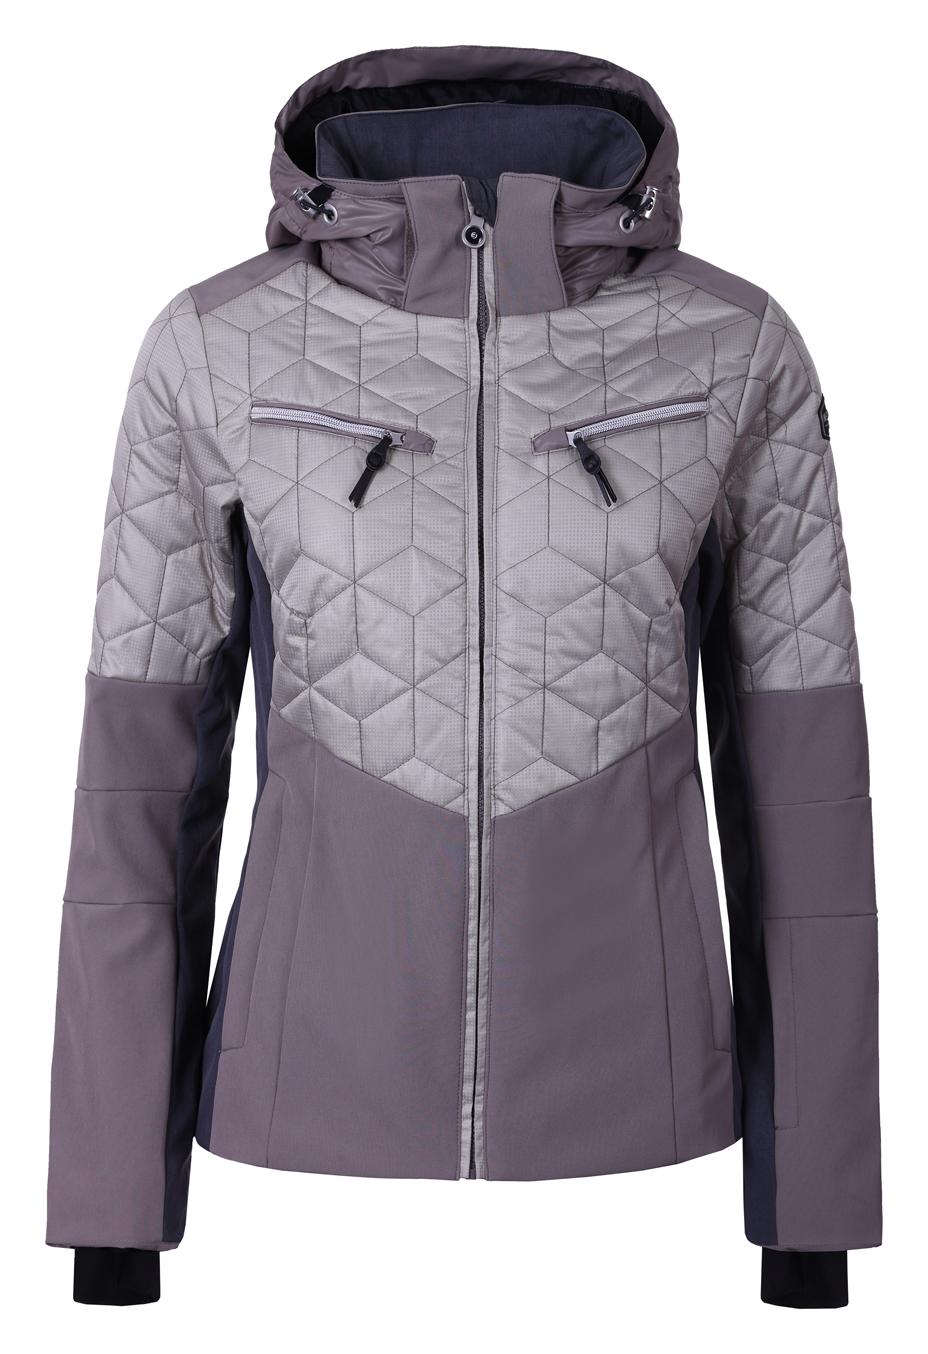 e0f5c427f Dámska lyžiarska softshellová bunda Icepeak Chloe béžová col. 080